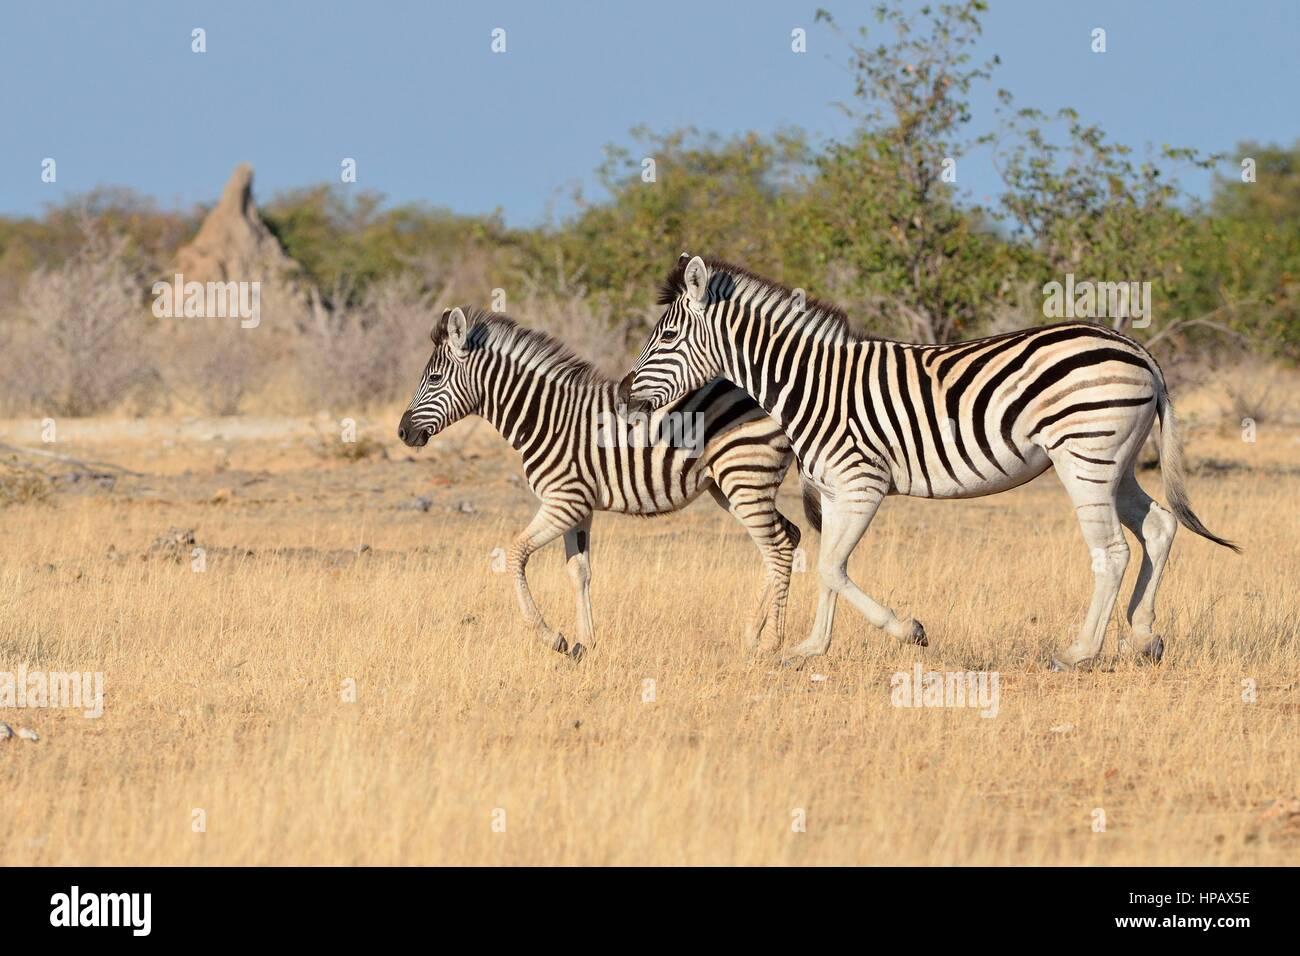 Cebras de Burchell (Equus quagga burchellii), adultos y potro al trote, el Parque Nacional de Etosha, Namibia, África Imagen De Stock